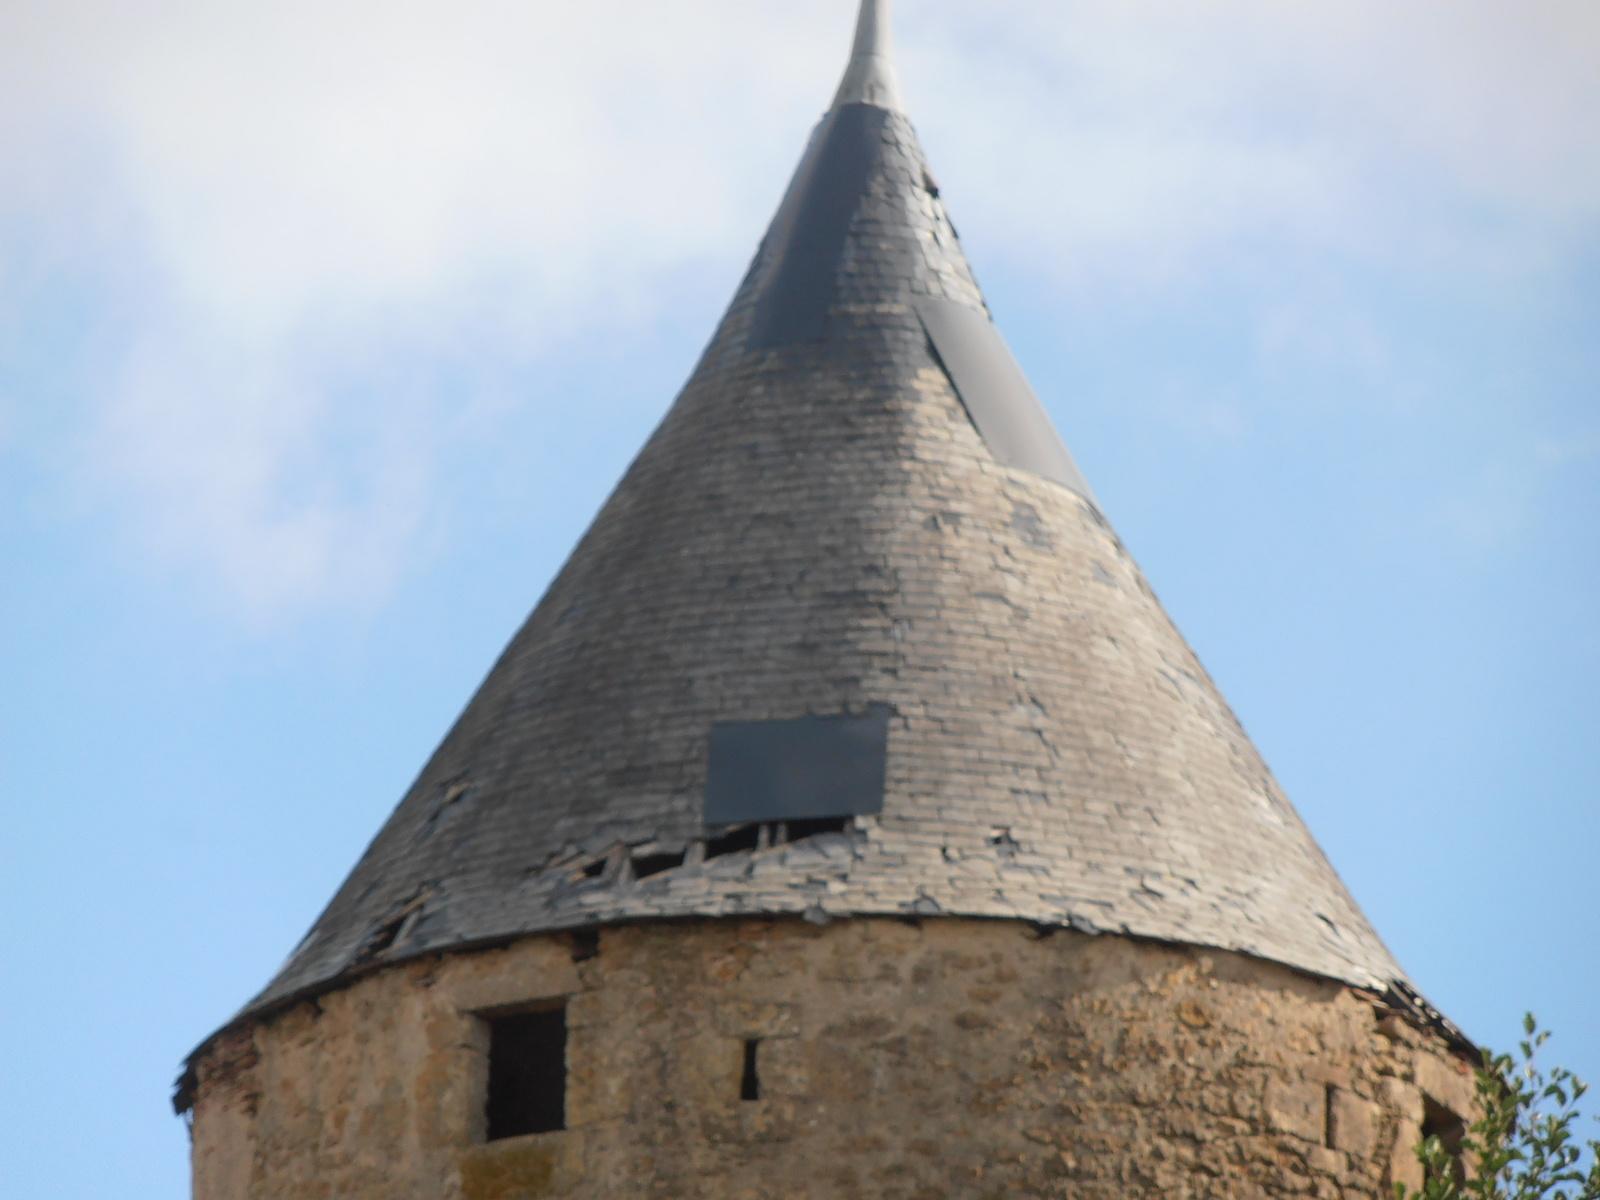 Château de Celon - état des tours rondes en ardoises avant travaux